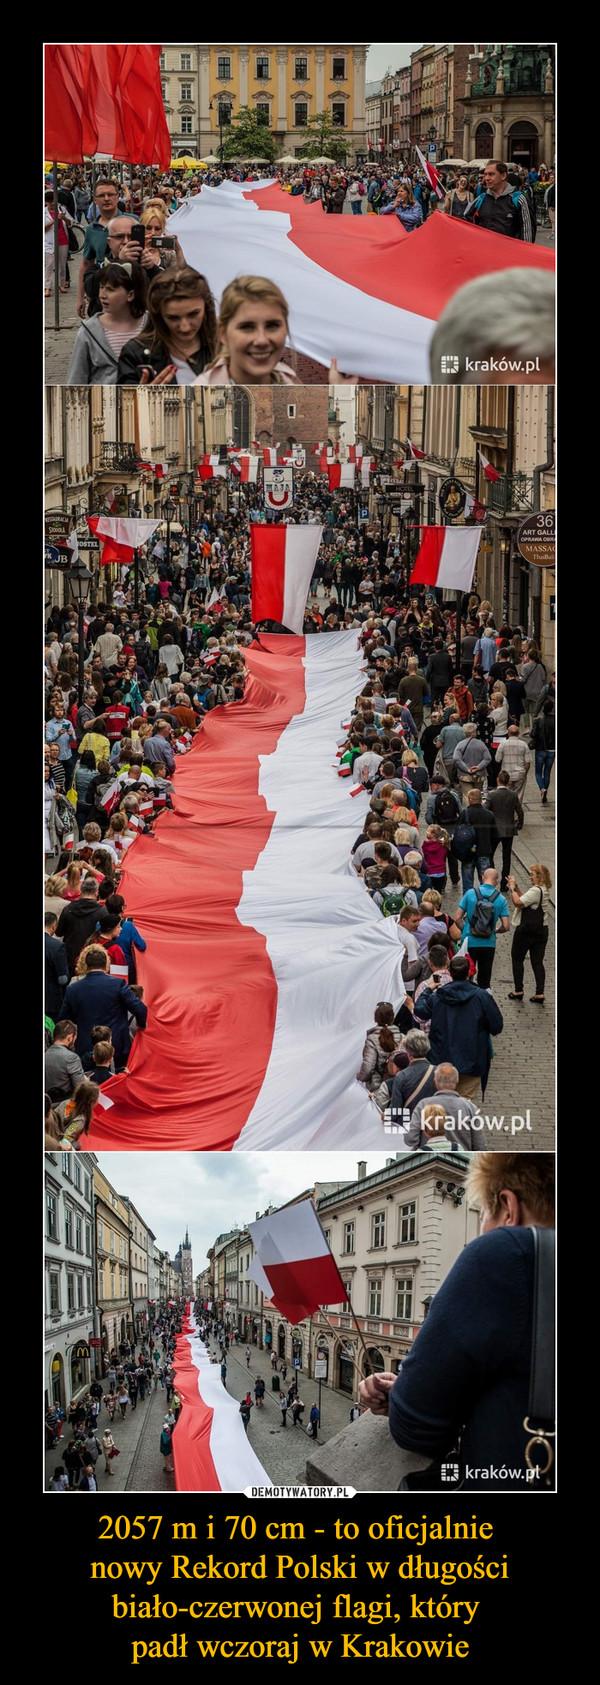 2057 m i 70 cm - to oficjalnie nowy Rekord Polski w długości biało-czerwonej flagi, który padł wczoraj w Krakowie –